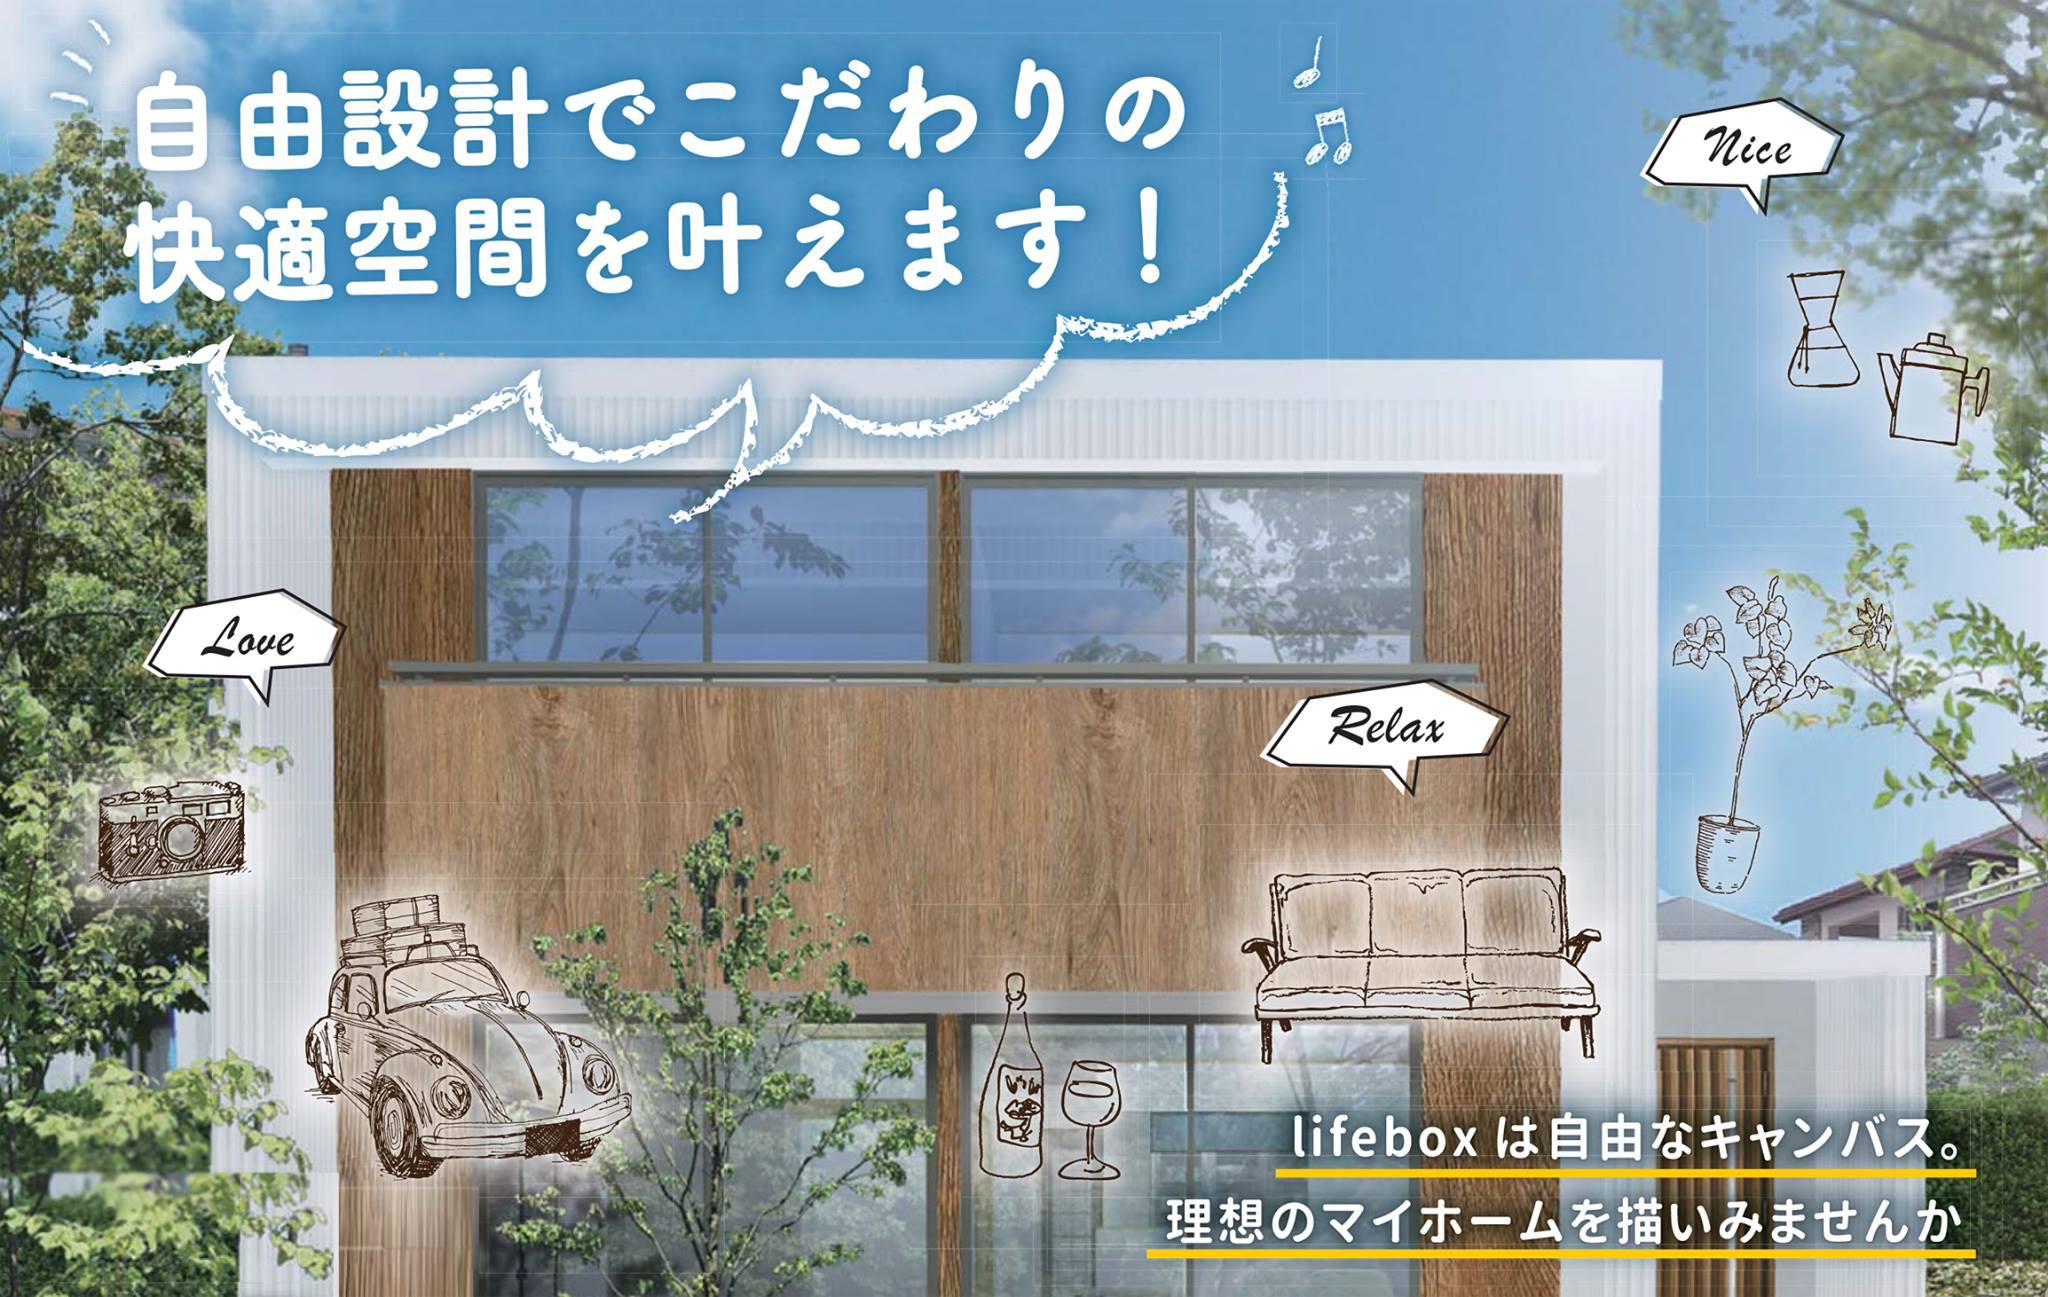 モデルハウス特別価格販売会・家づくり無料相談会 11/23(木)〜26(日)